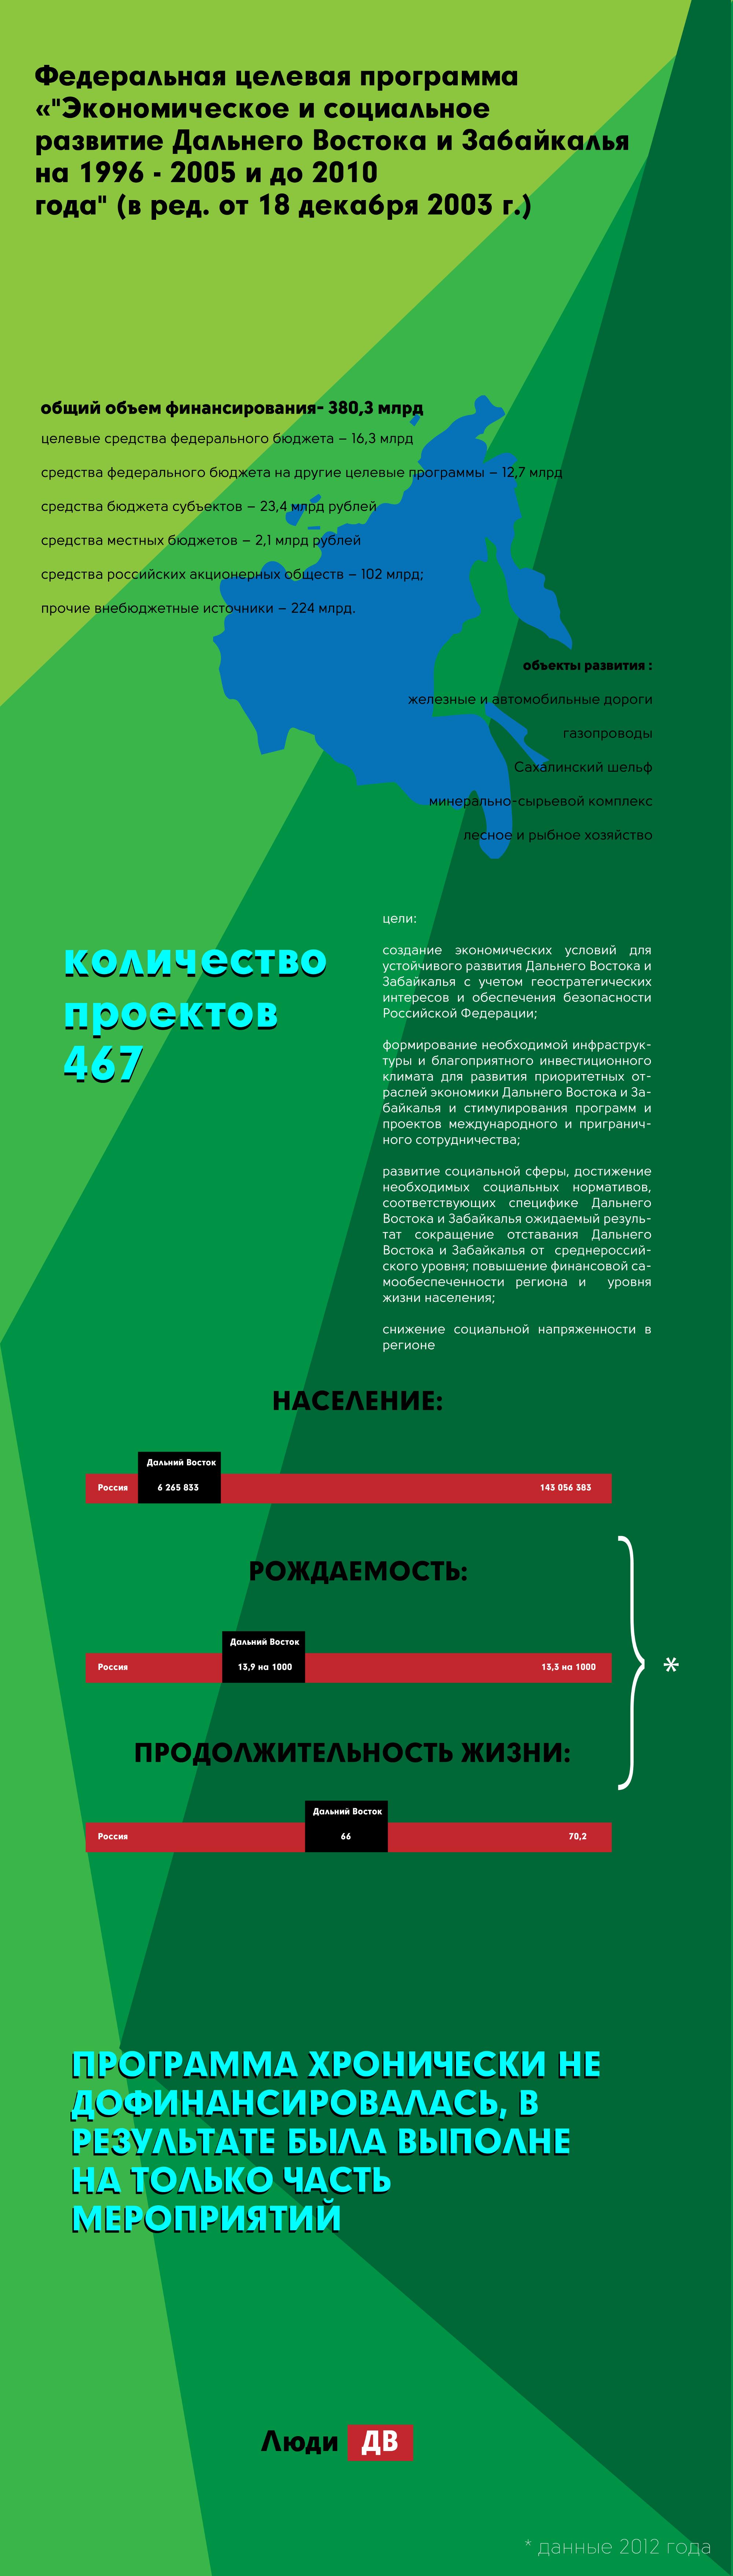 Казино новое вулкан Ороча загрузить Приложение вулкан Ряжск поставить приложение